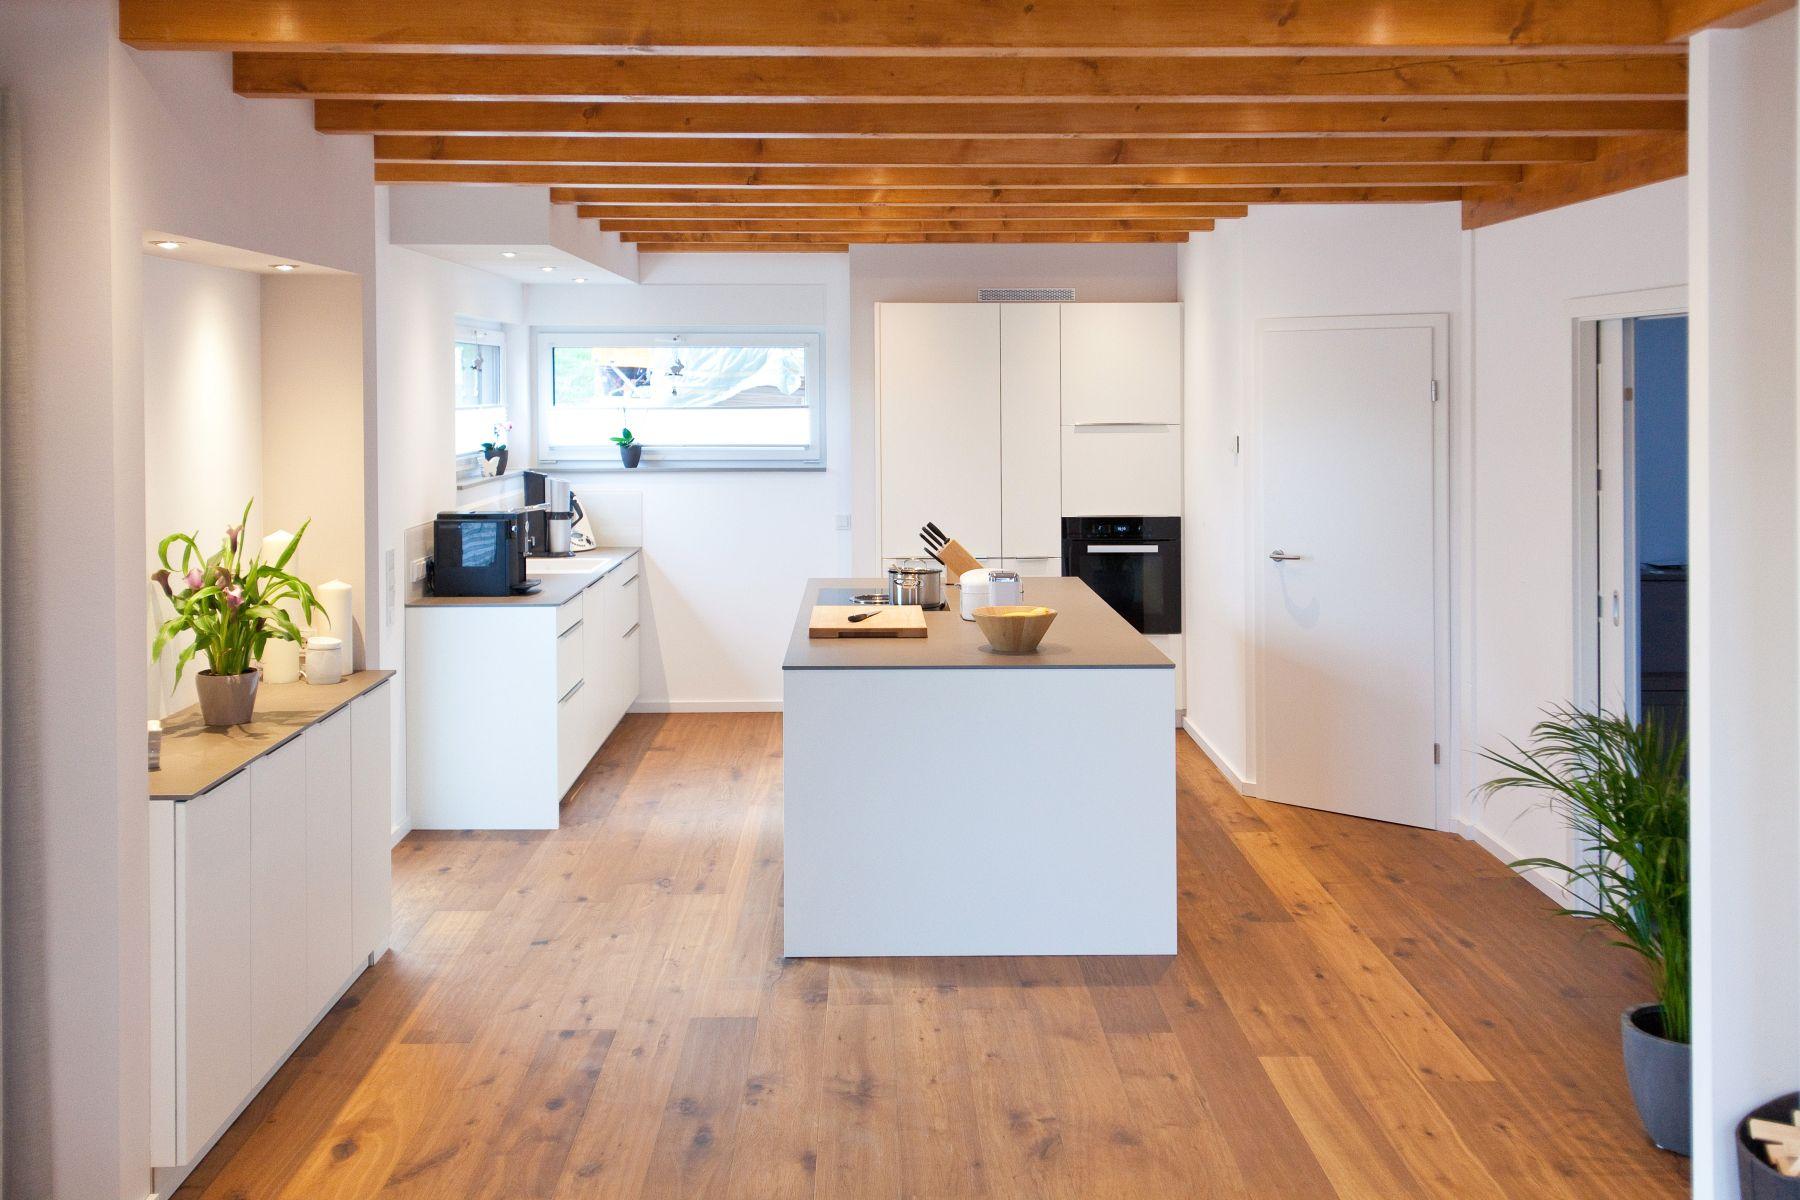 best küche modern weiss ideas - home design ideas - motormania.us ...